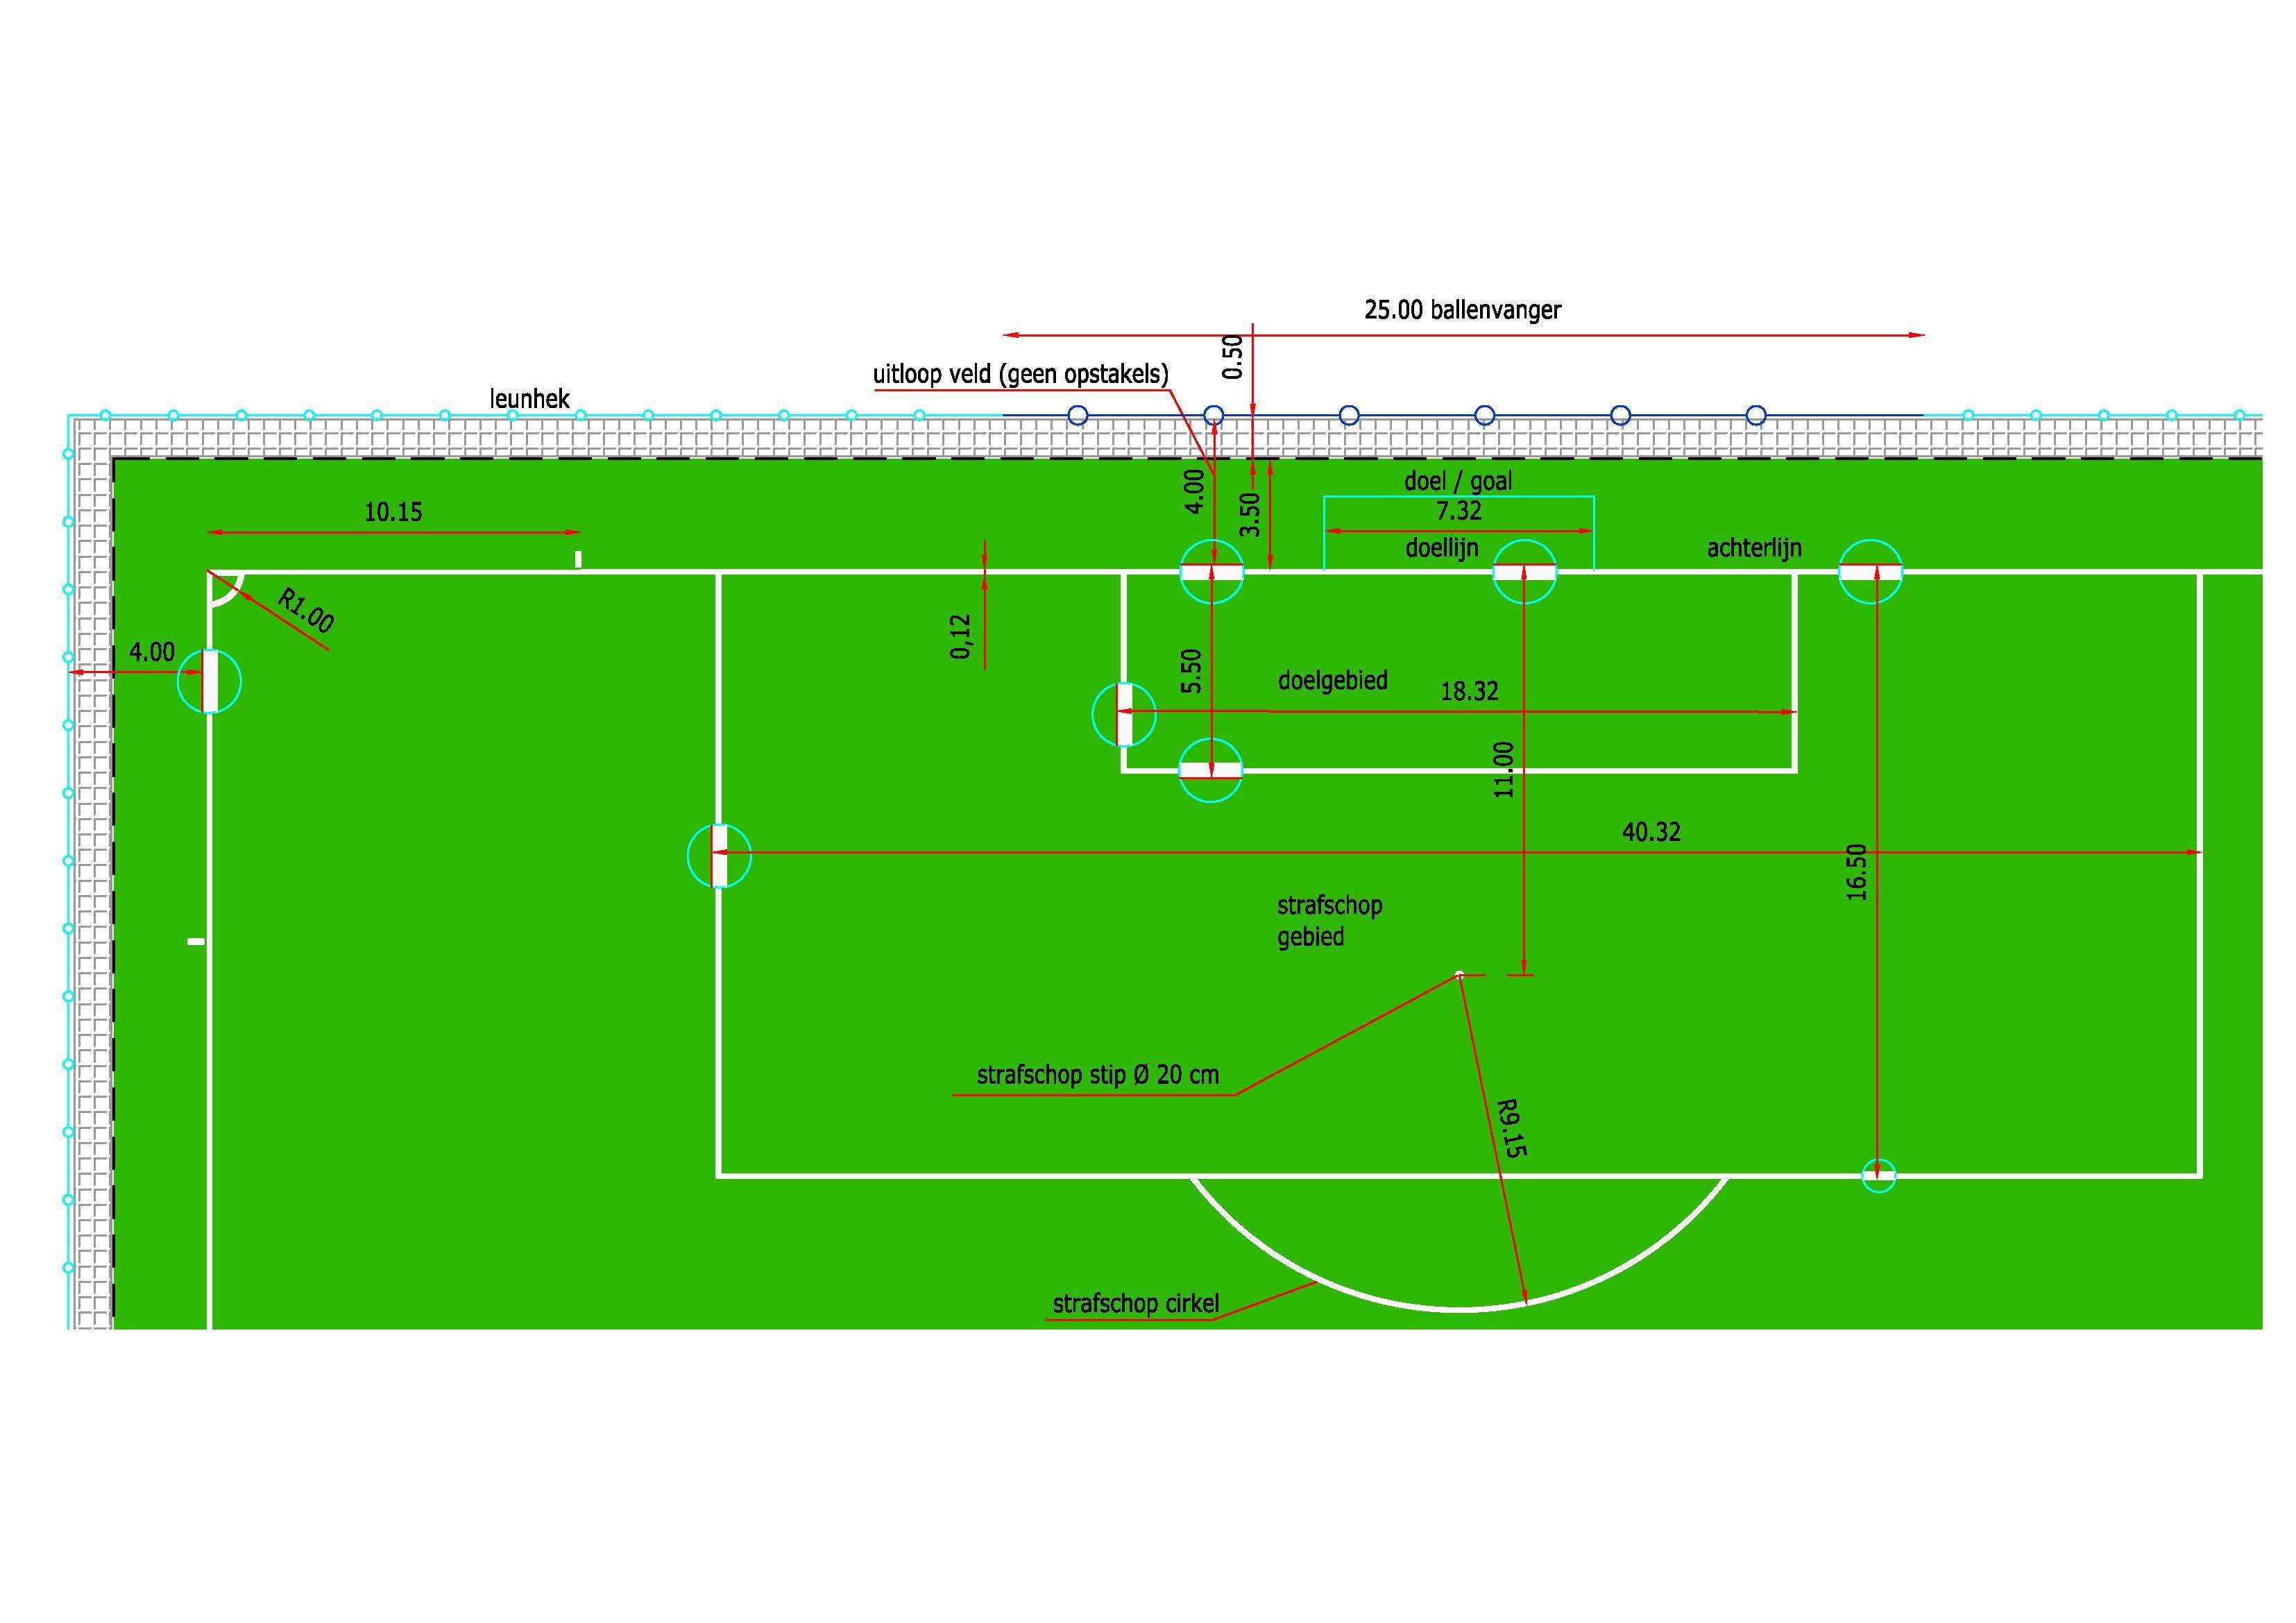 Voetbalveld afmeting en belijning